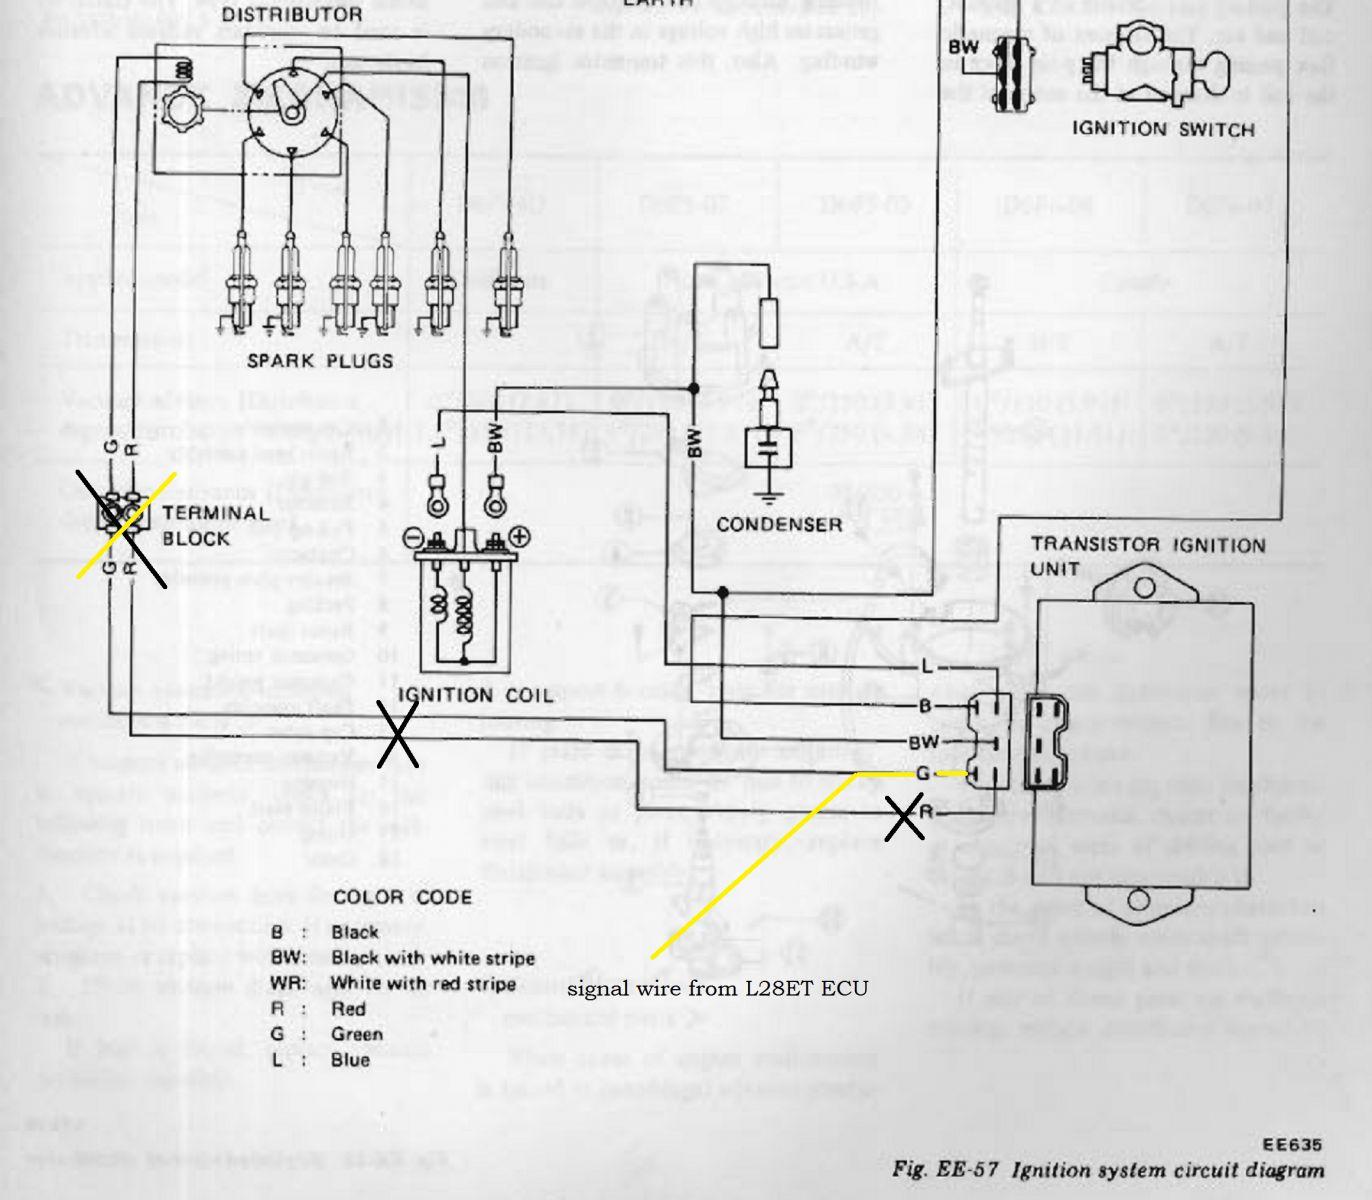 Rix diagram